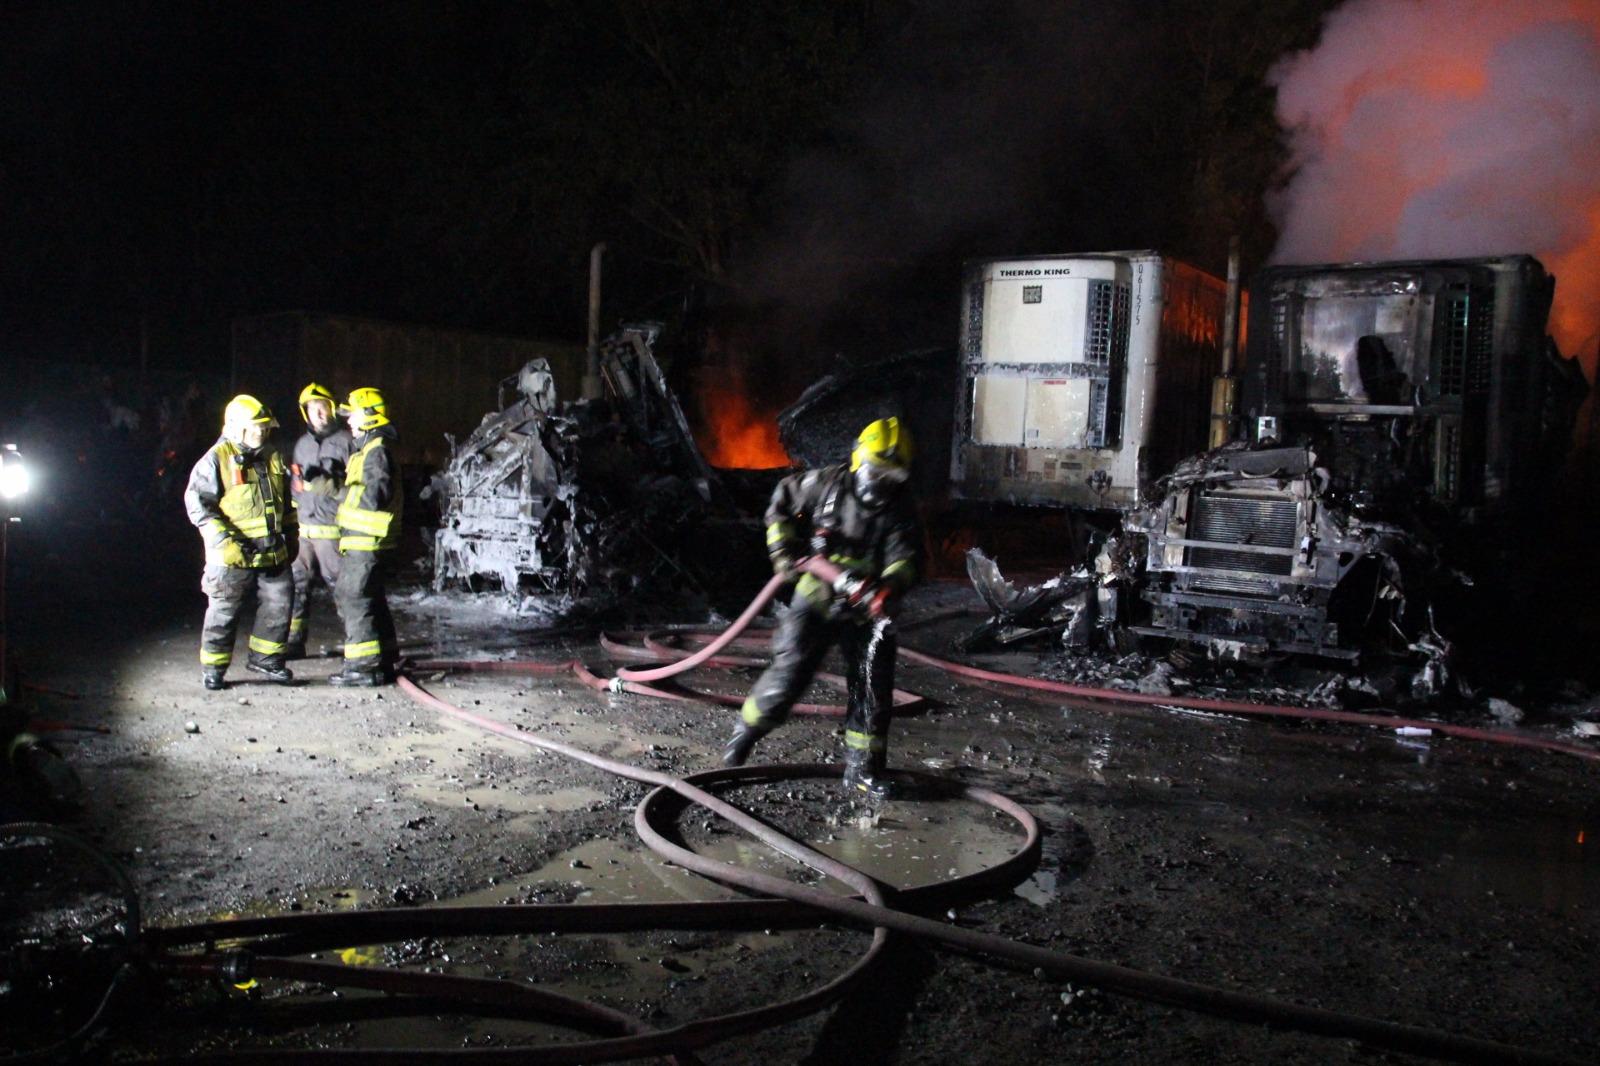 camiones-ataque-incendiario-araucania-3